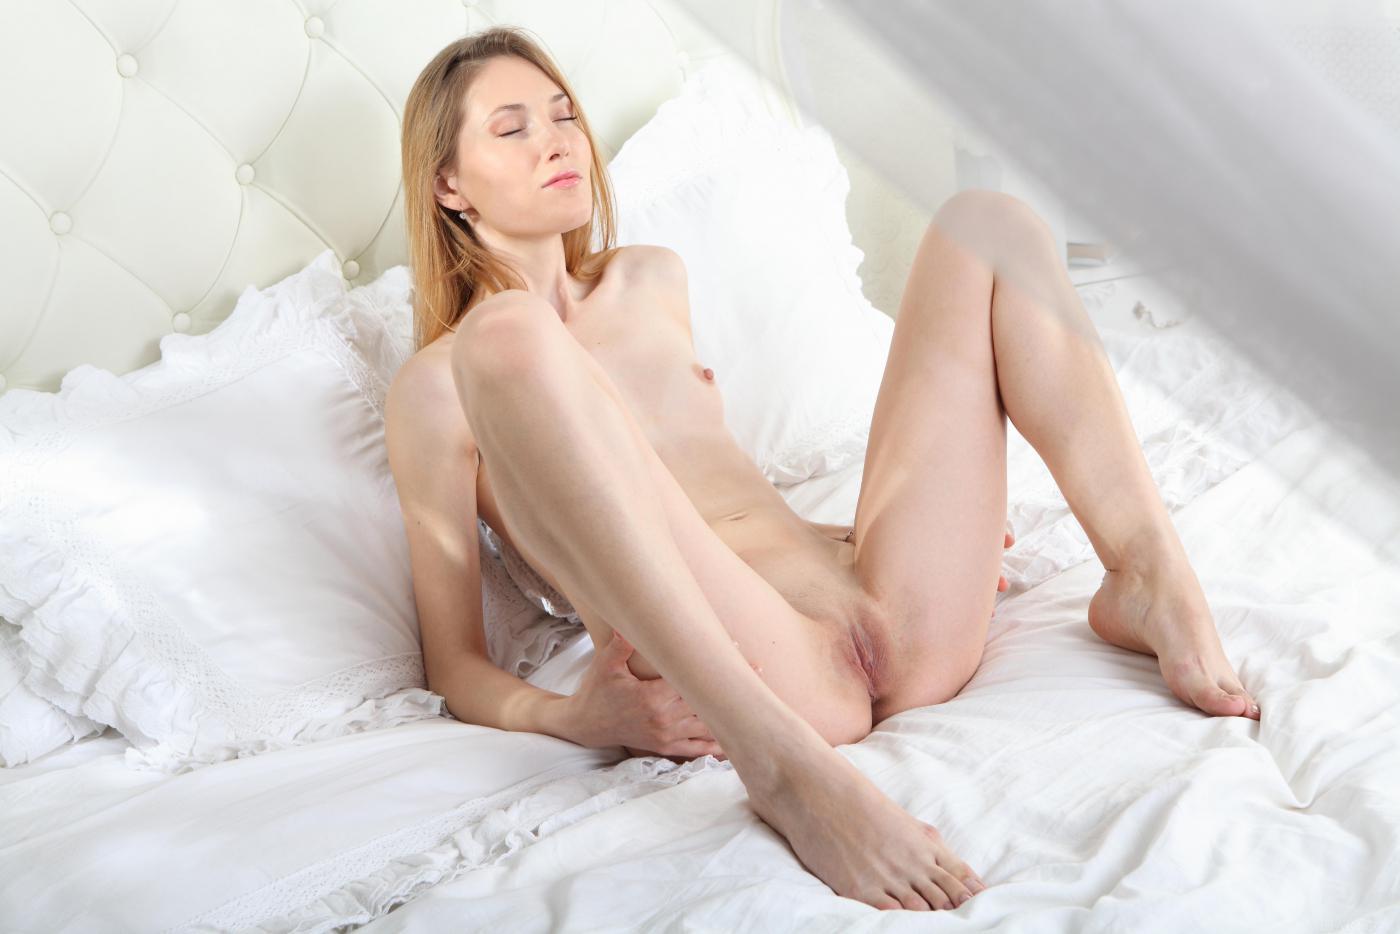 Игривая Mia Reese разводит ноги и показывает текущие дырки